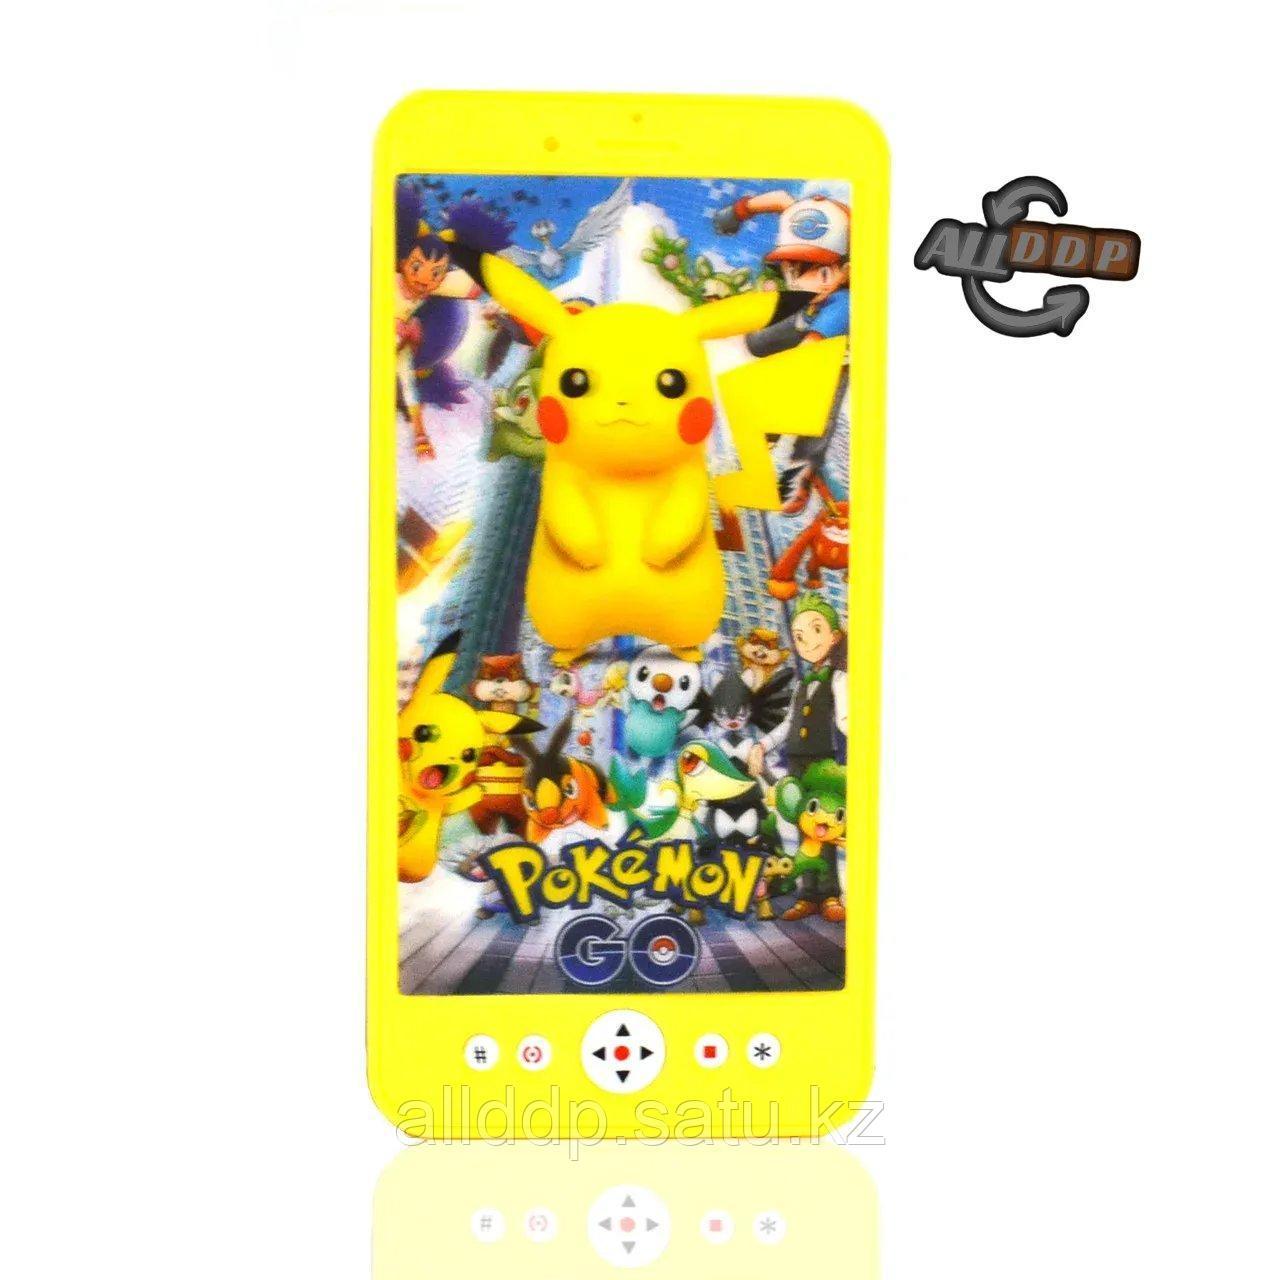 Интерактивный телефон на батарейках со звуковыми и световыми эффектами Pokemon желтый